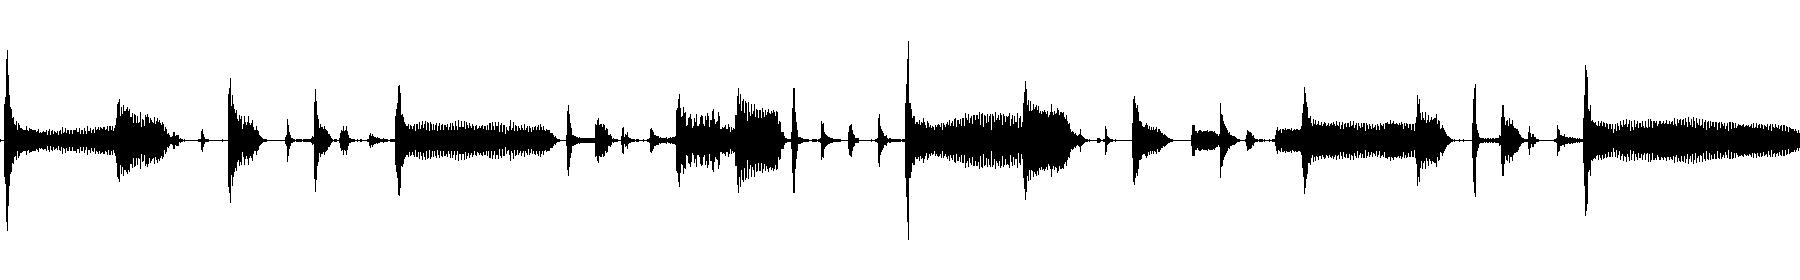 110 bm 11 strat phase